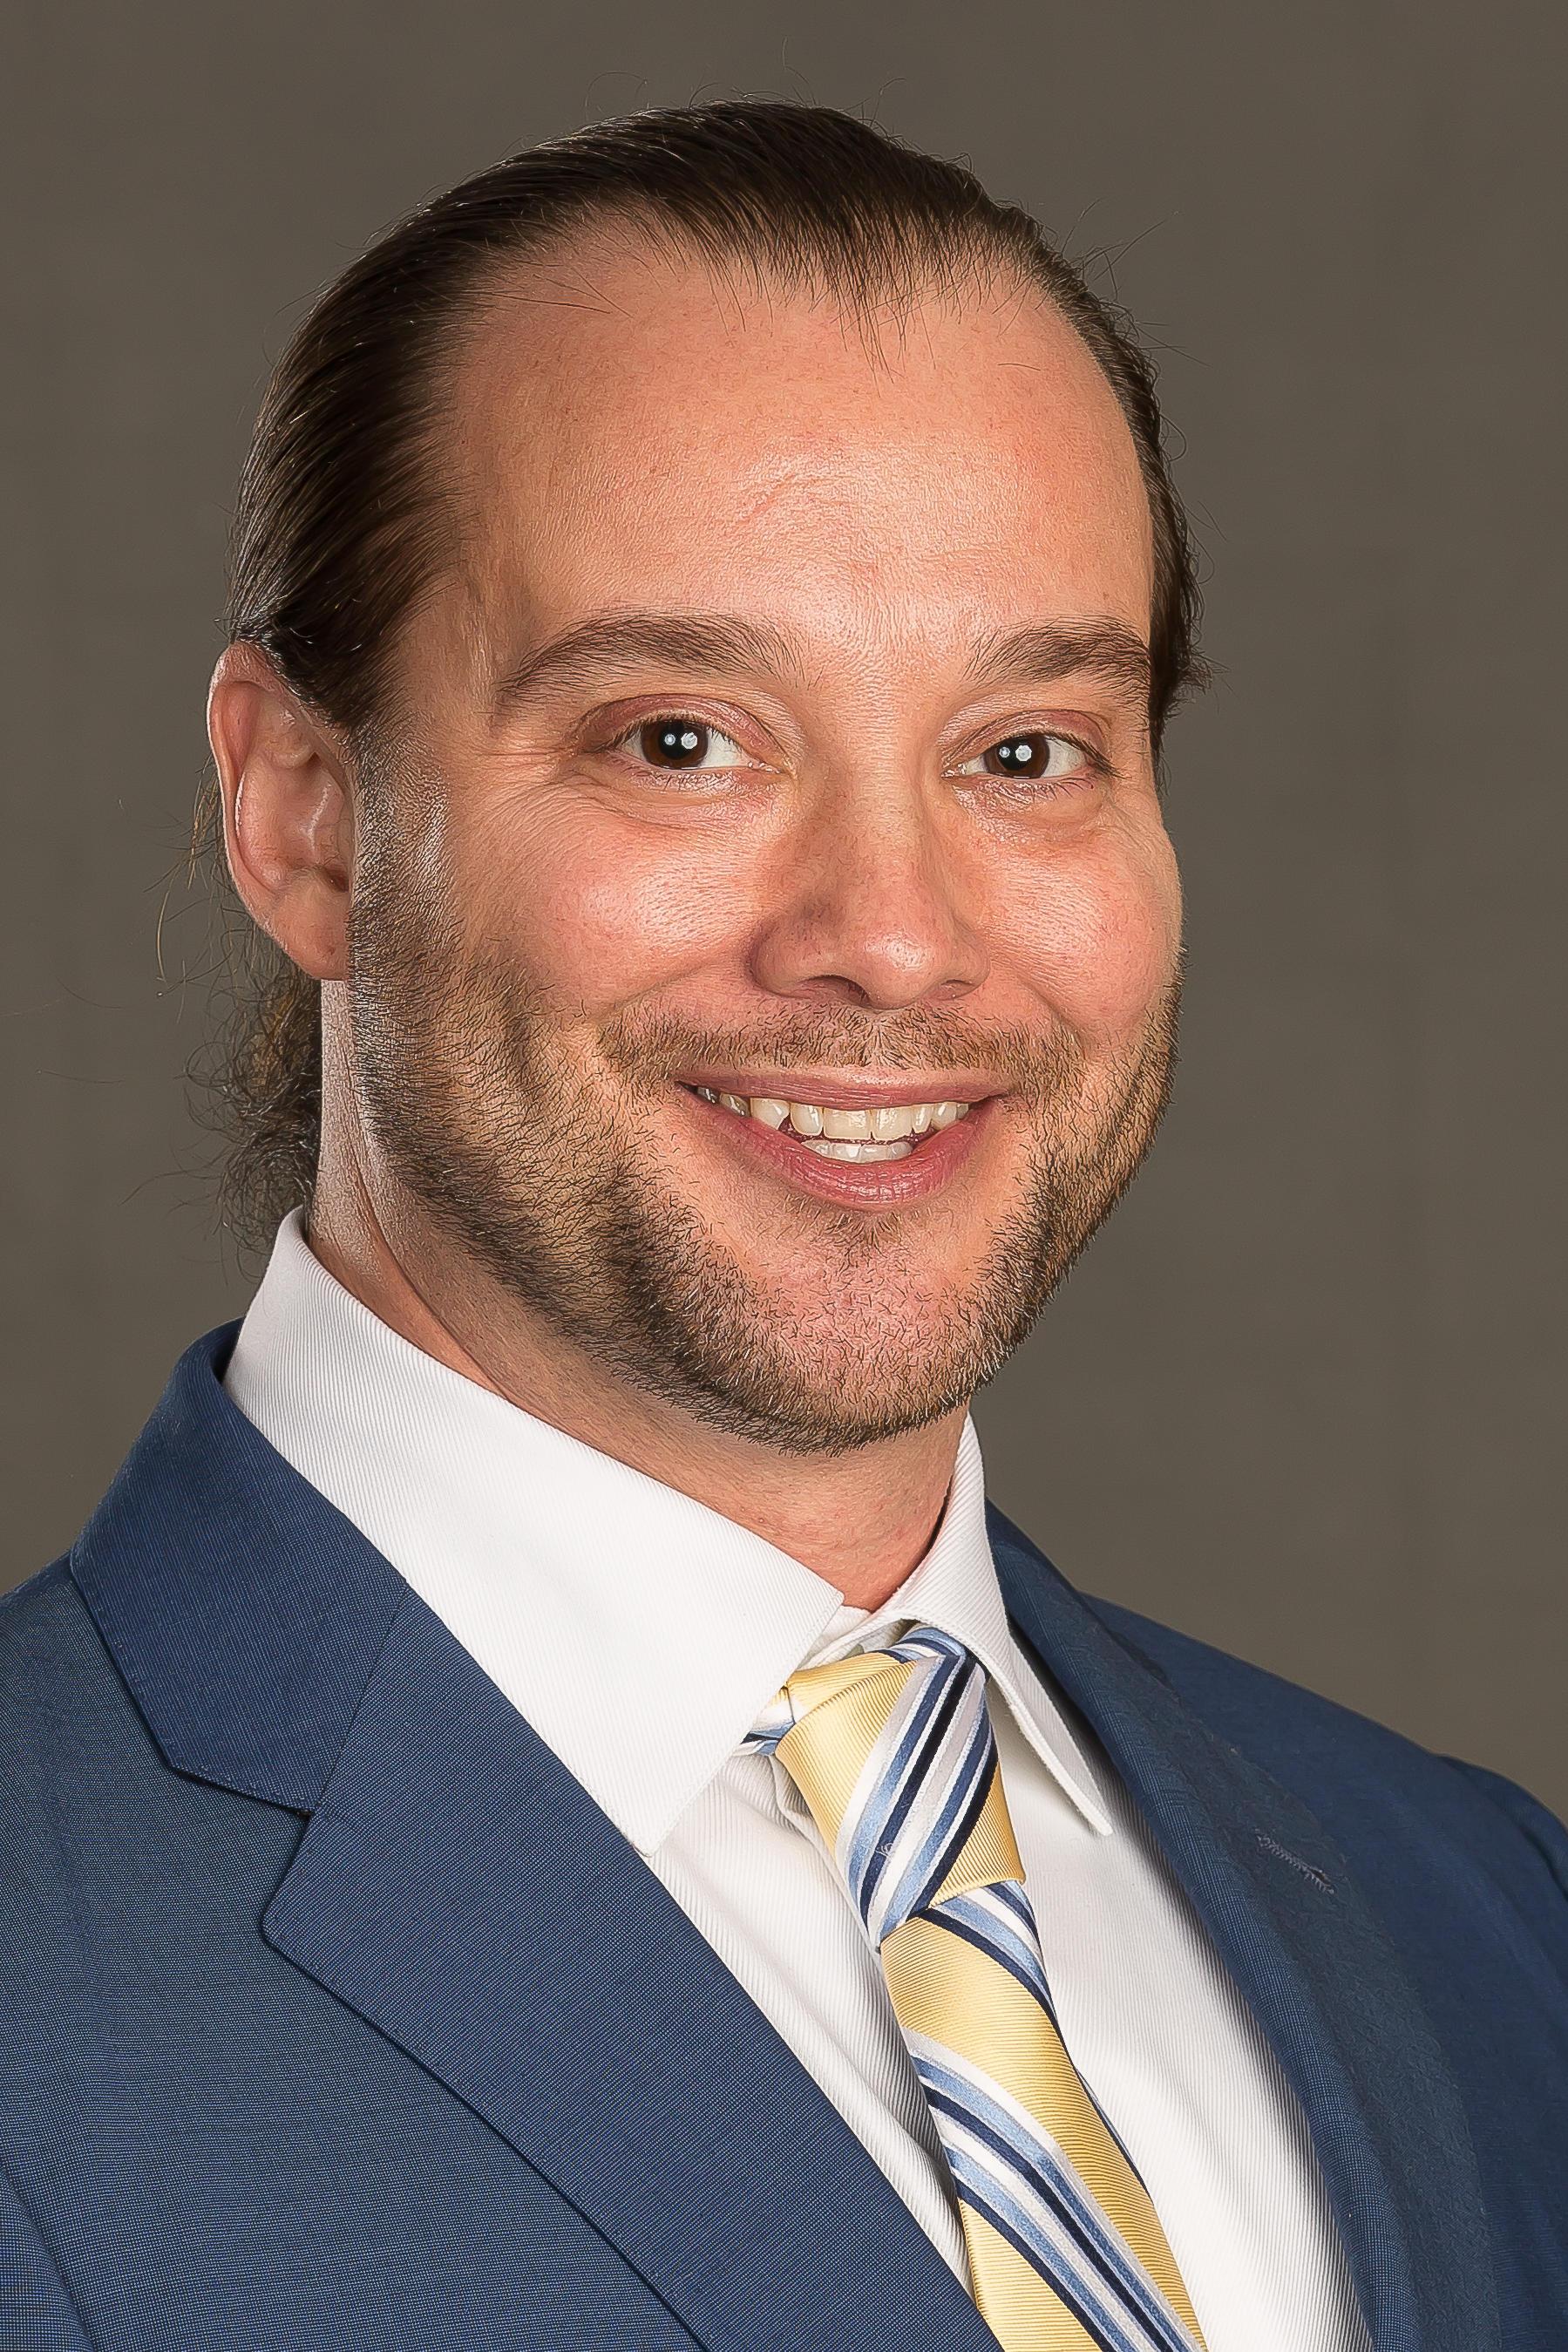 Christian Falster: Allstate Insurance